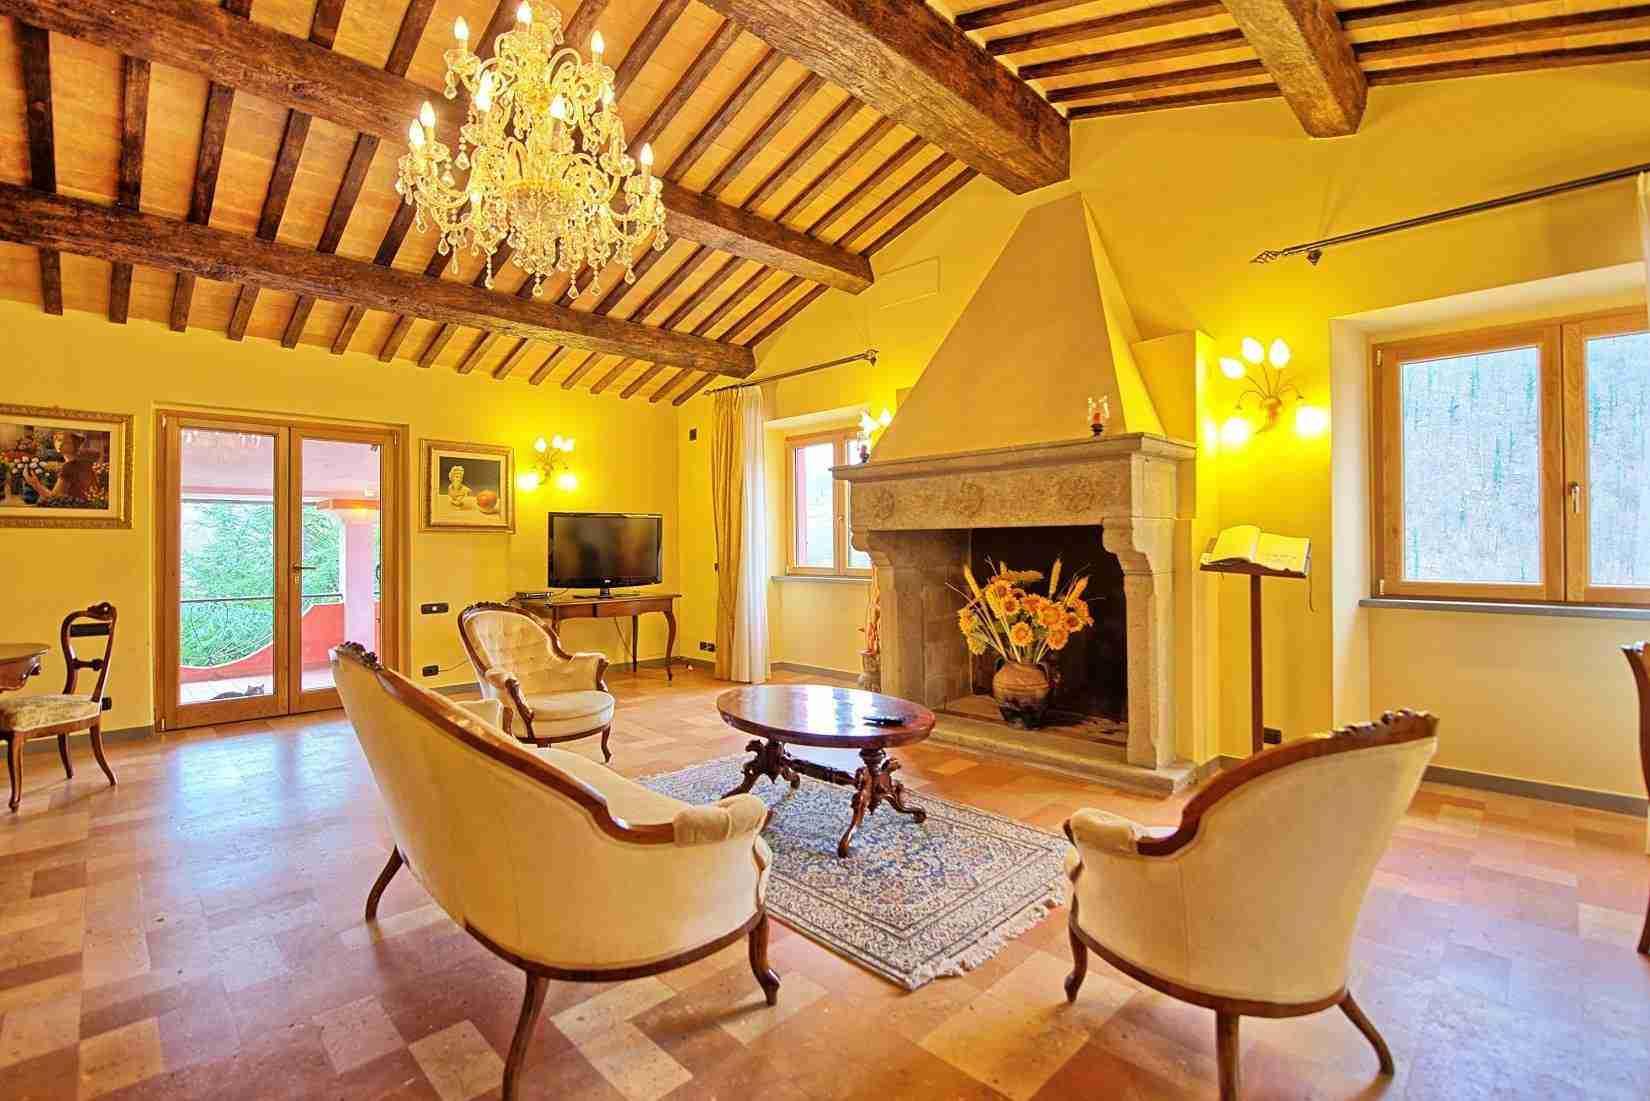 16 Etruria living room